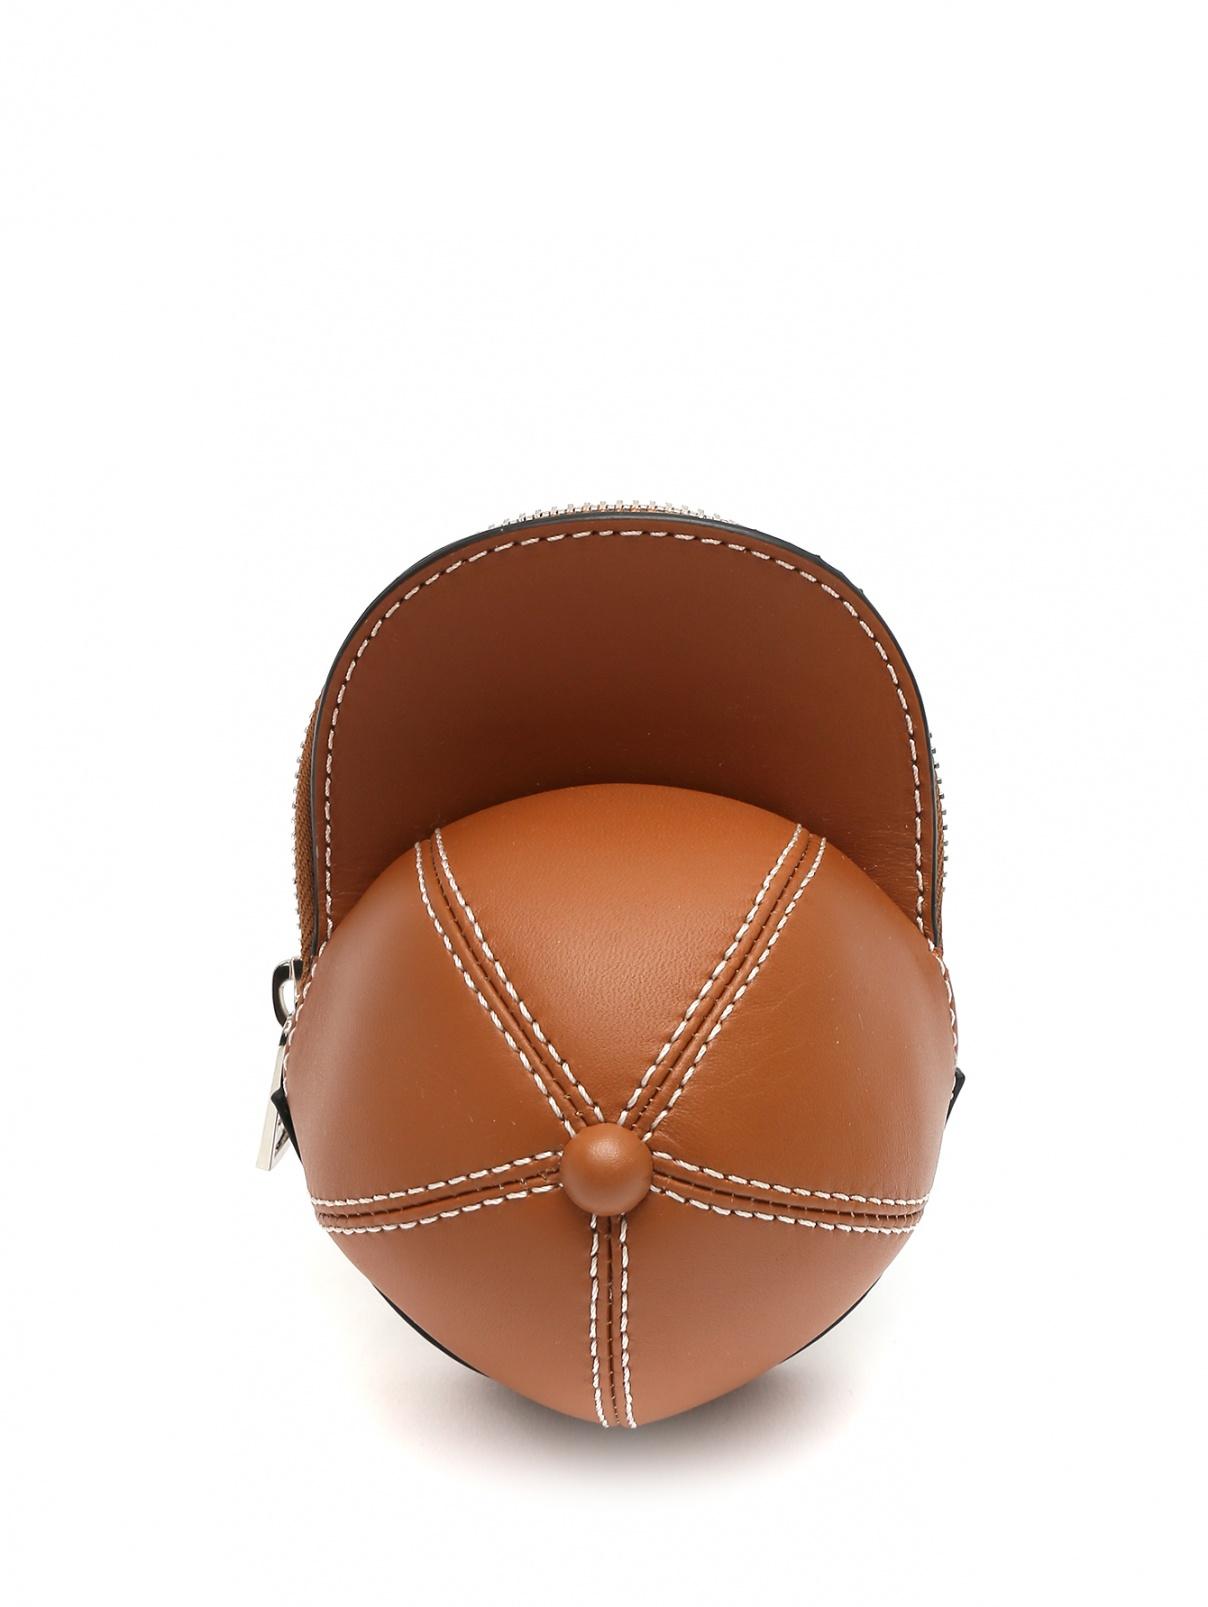 Мини-сумка из гладкой кожи с контрастной отстрочкой J.W. Anderson  –  Общий вид  – Цвет:  Коричневый